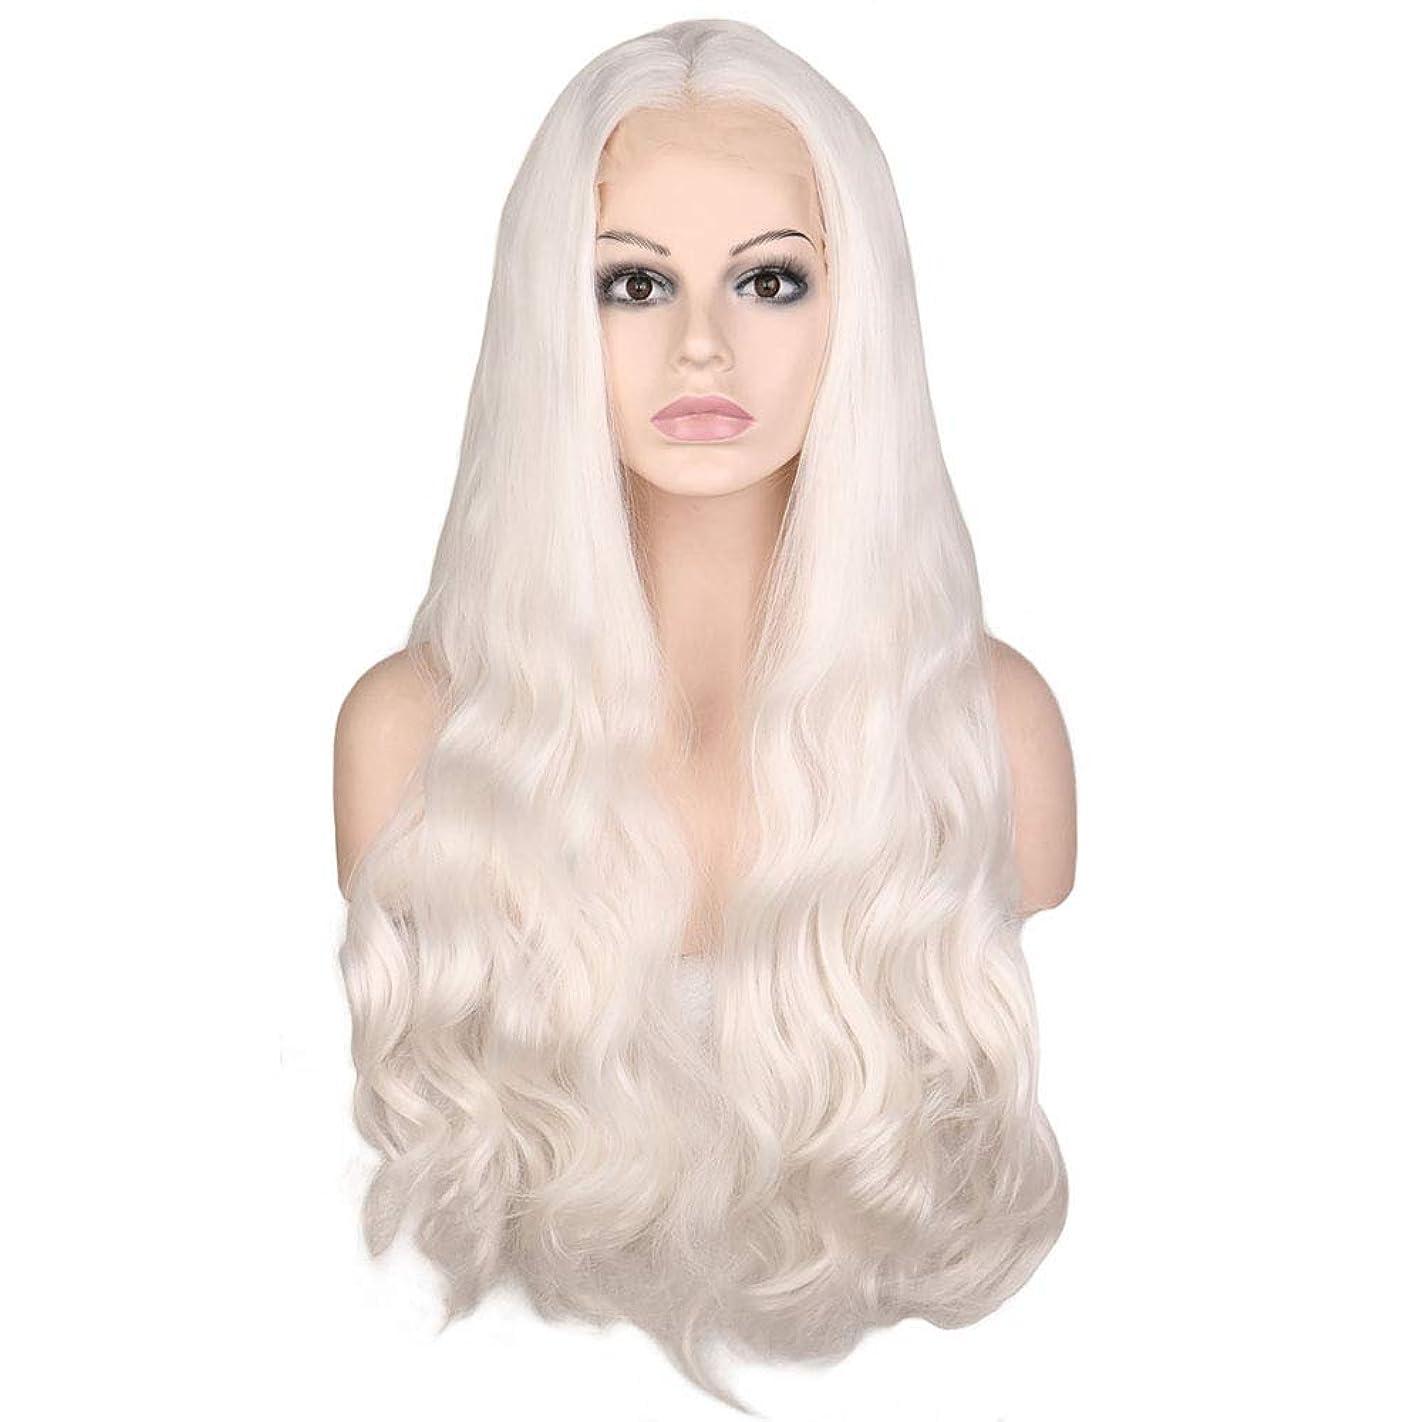 中世の暫定スプレーBOBIDYEE 28インチレースフロントウィッグライトパープルロングストレートウィッグミドルパートコスプレコスチュームデイリーパーティーウィッグウィッグリアルヘア合成ウィッグロールプレイングウィッグ (色 : Blonde, サイズ : 28